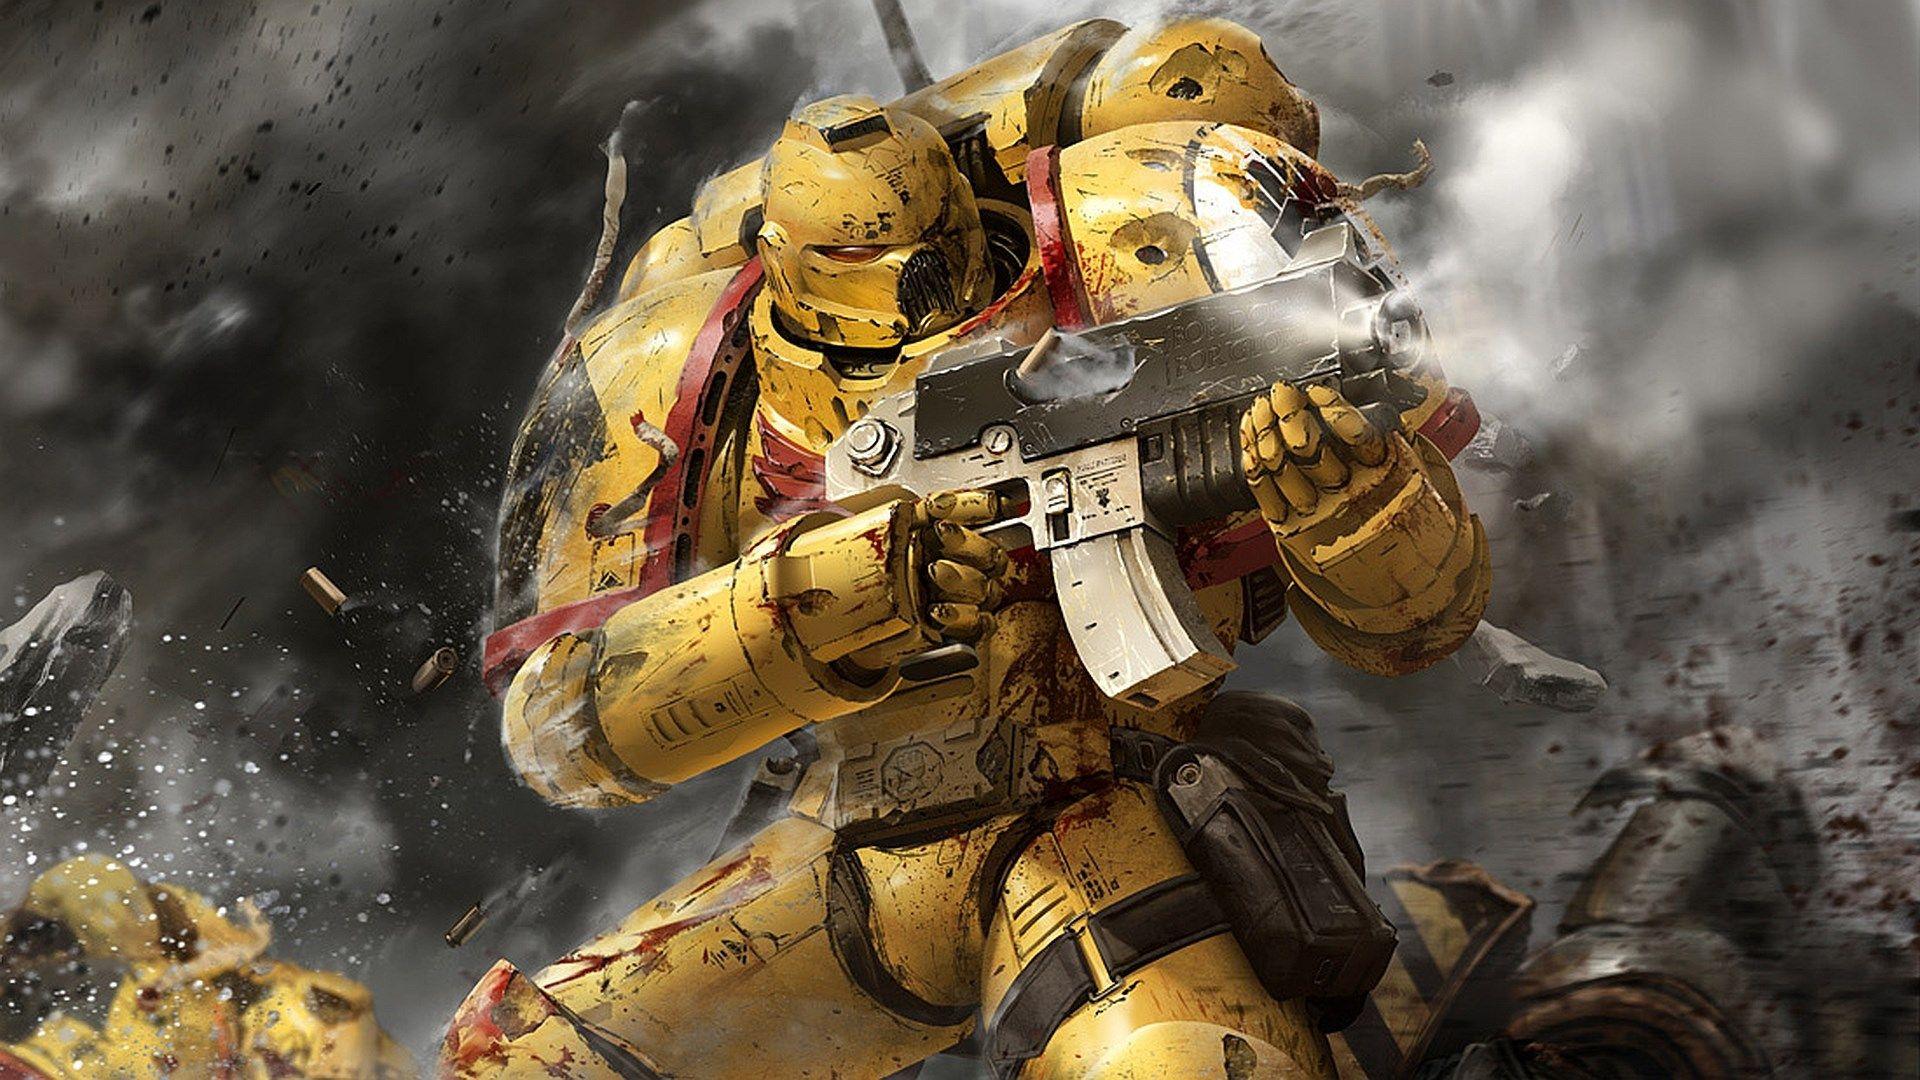 1920x1080 Free Desktop Pictures Warhammer Kriegshammer Space Marine Warhammer 40k